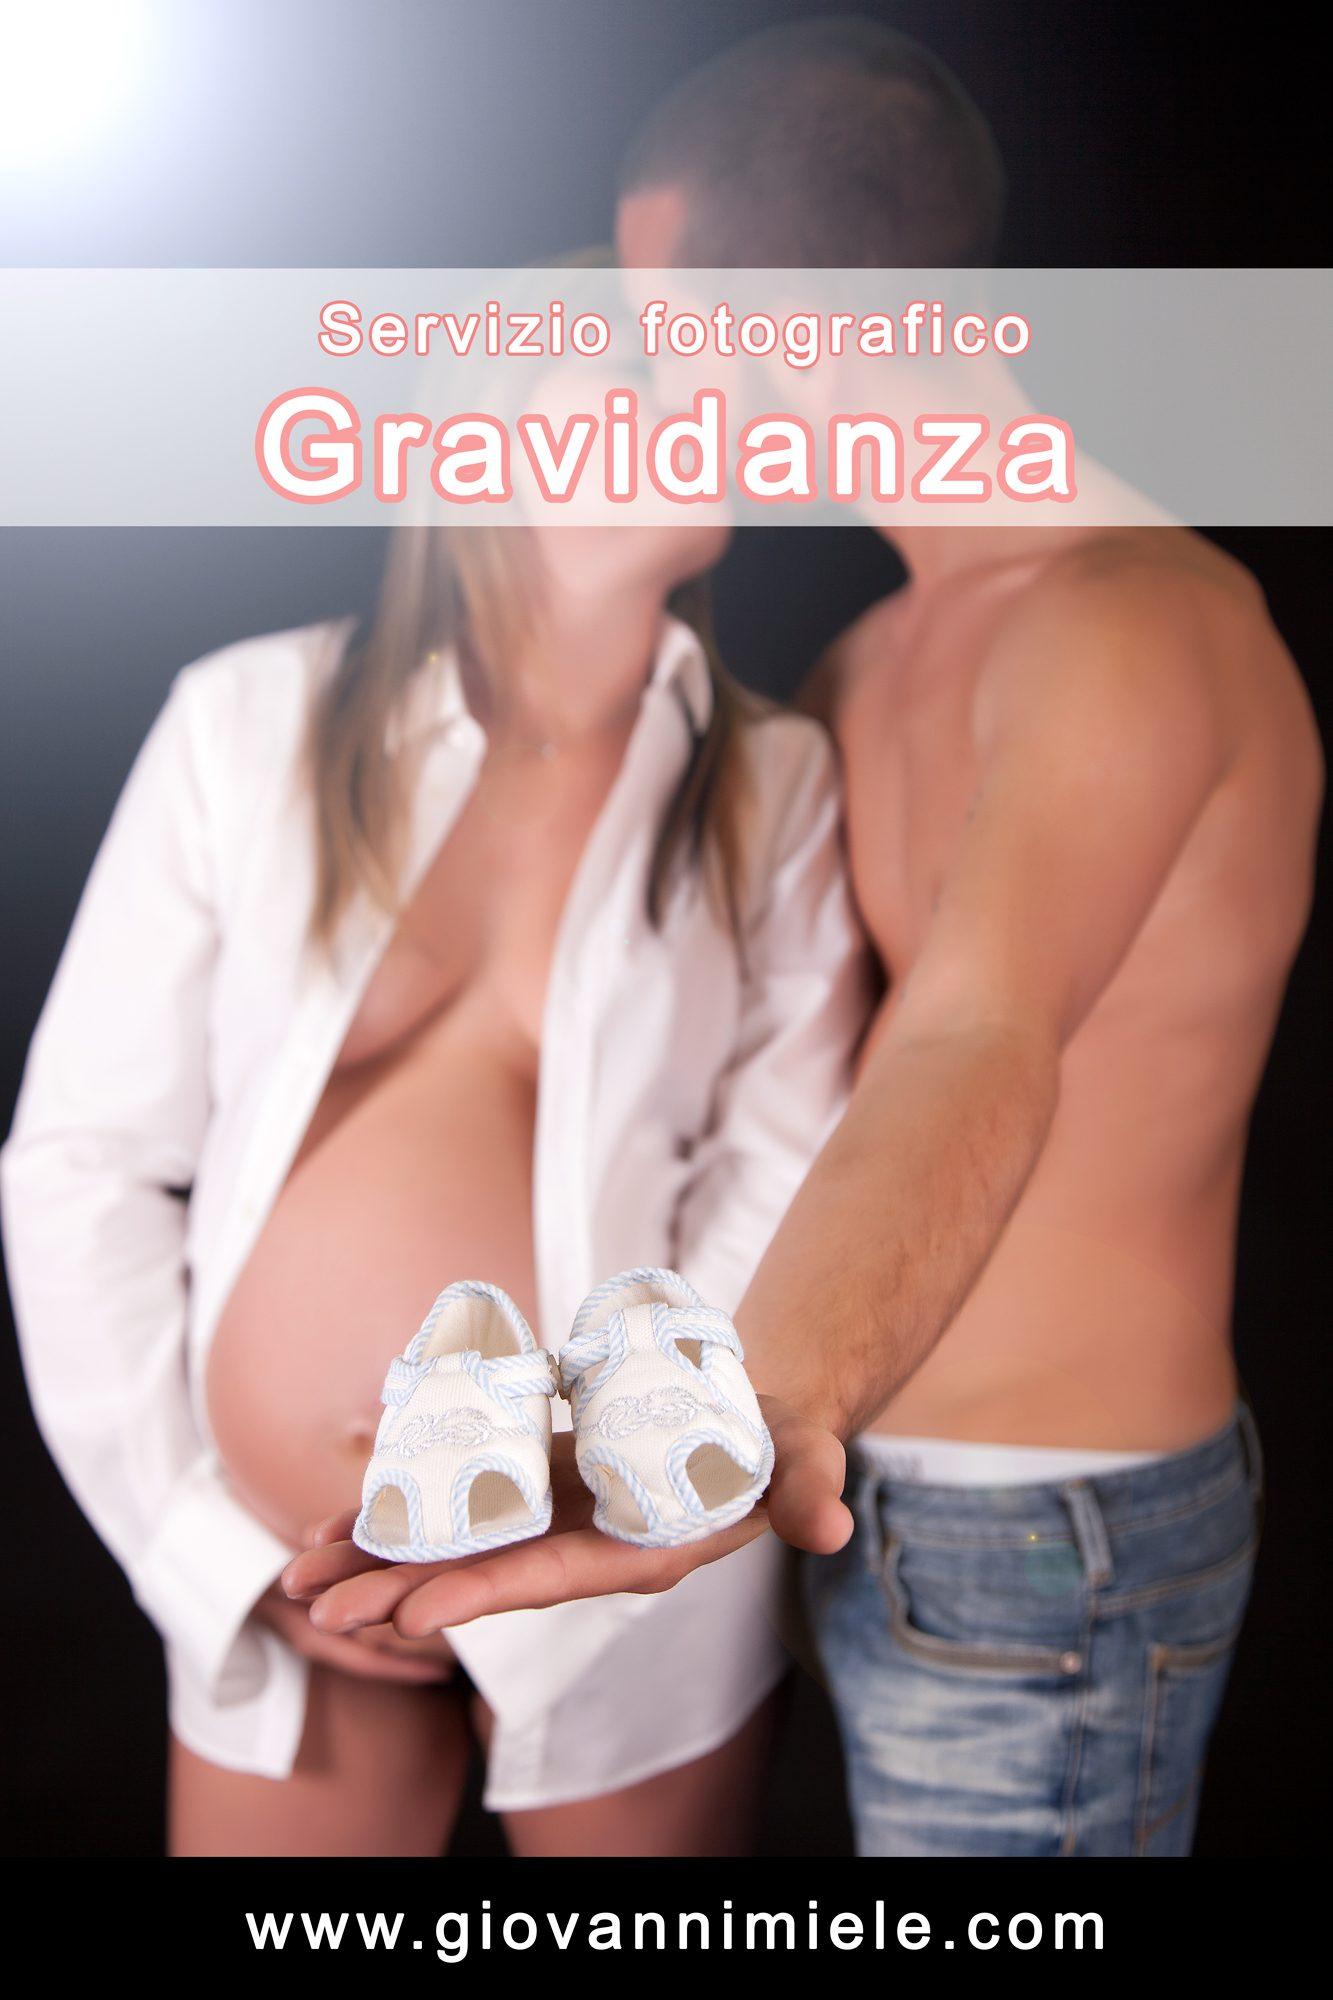 Album fotografico Gravidanza: Come realizzarlo?